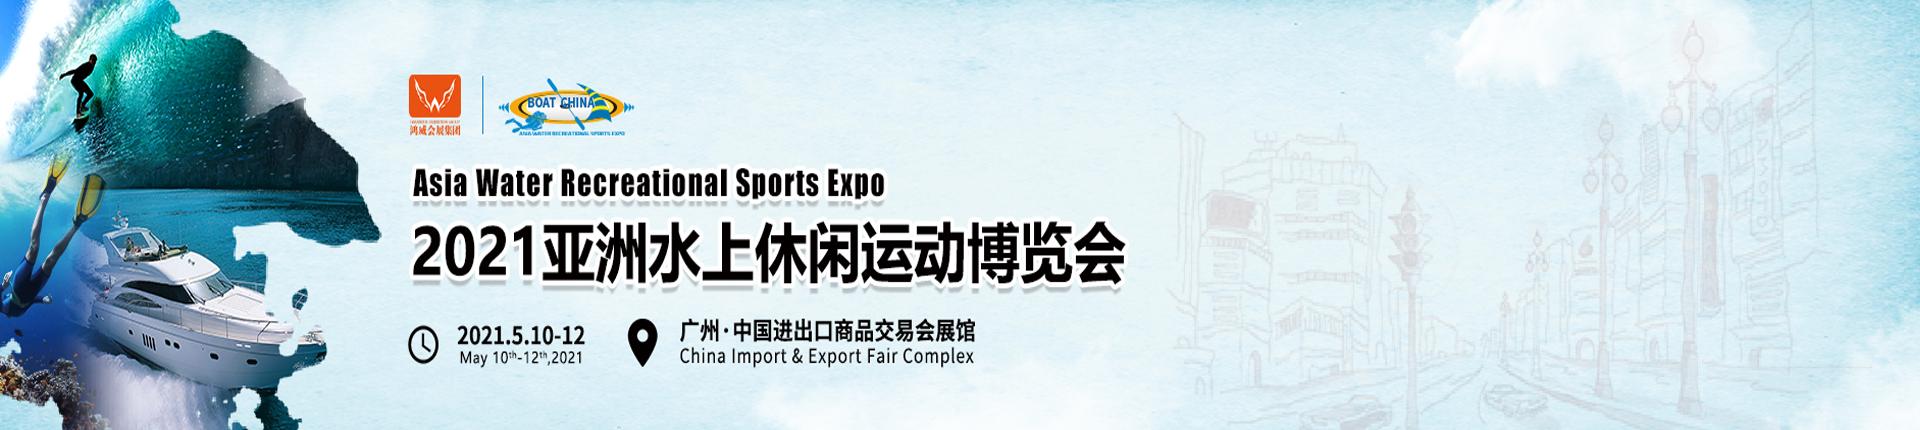 2021亚洲水上休闲运动博览会